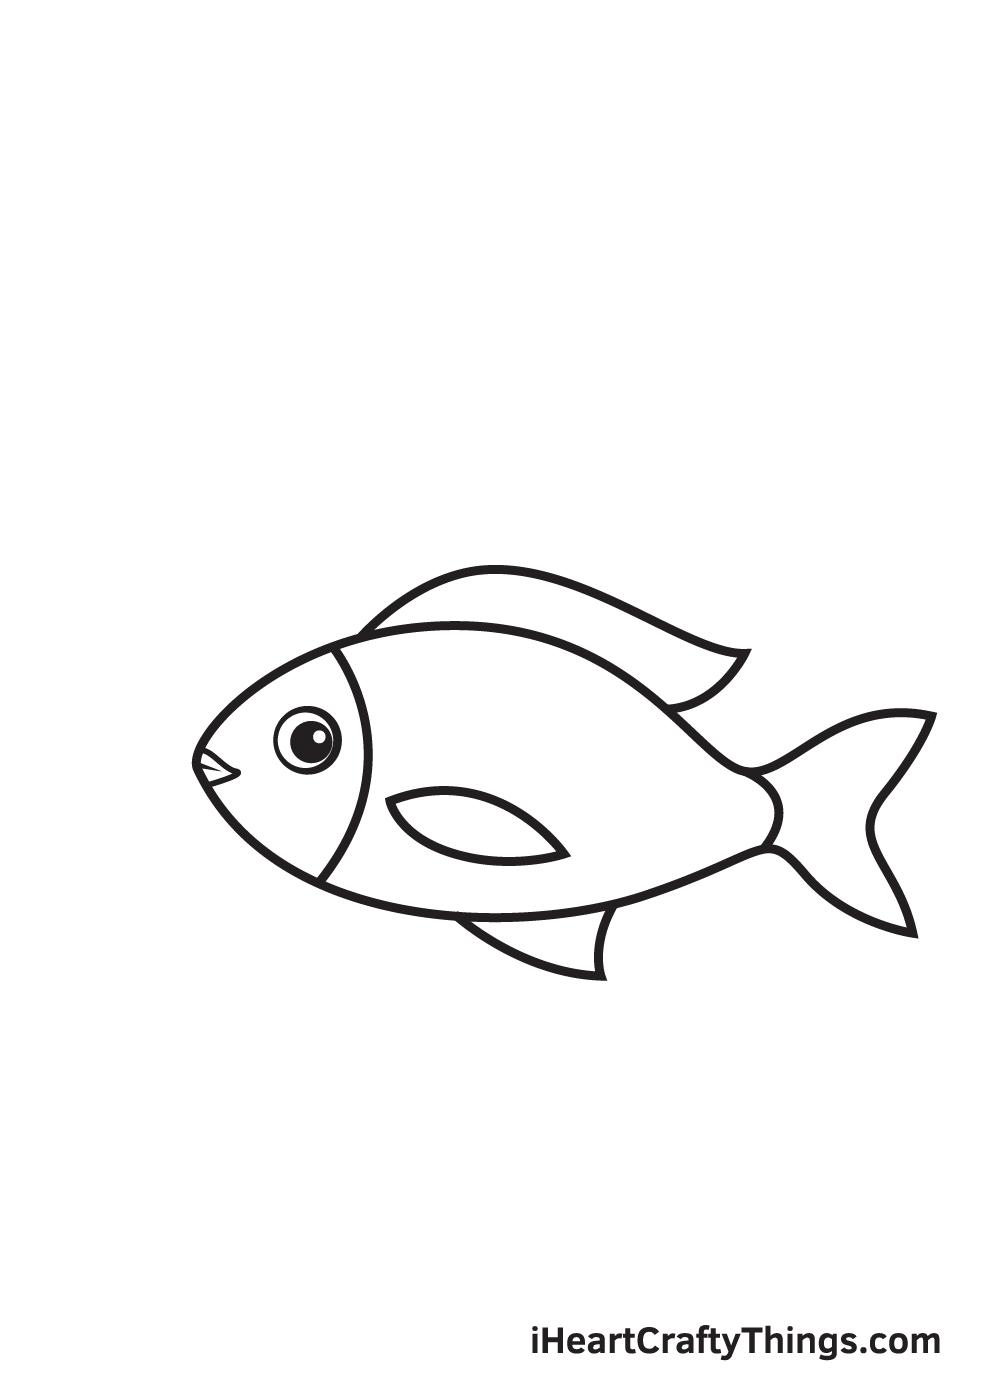 vẽ cá - bước 7